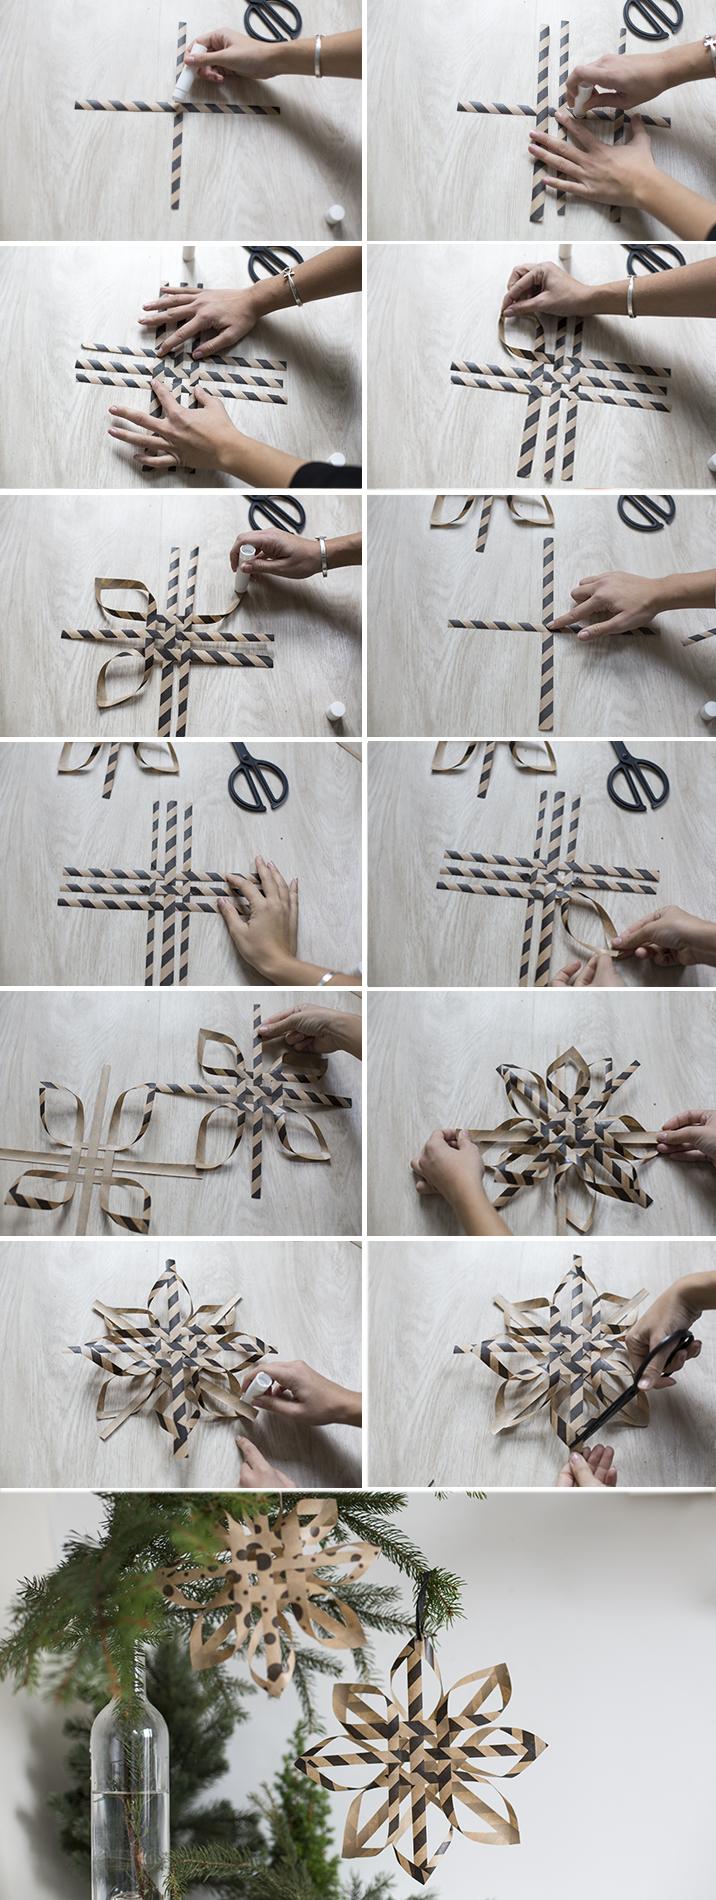 etapes de pliage et origami pour l'étoile en papier à suspendre dans le sapin, création